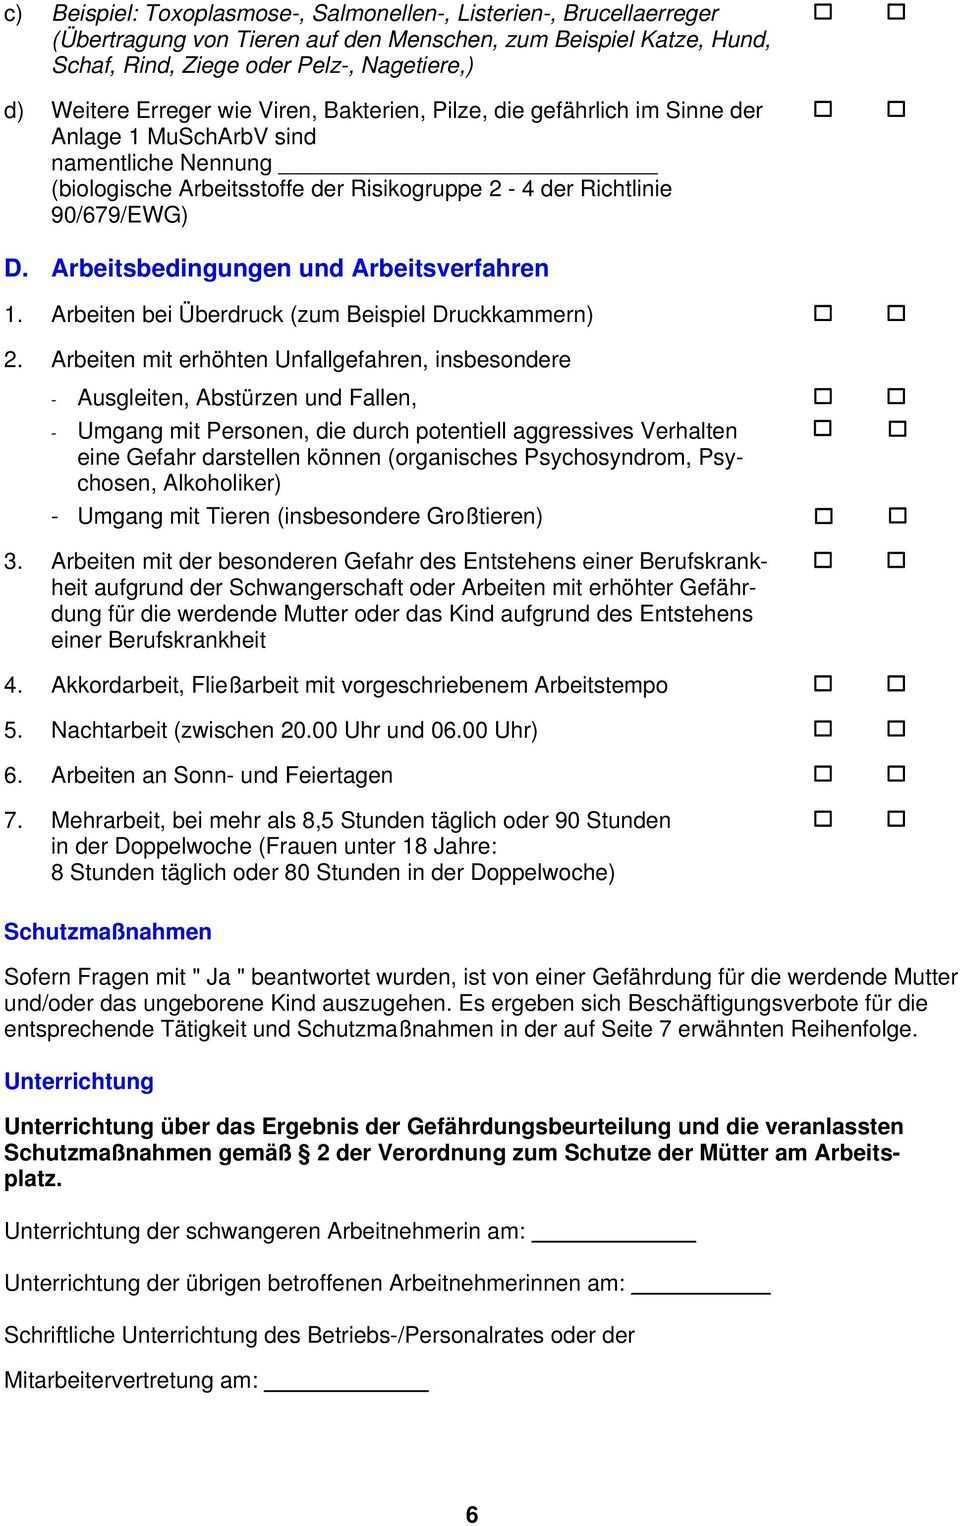 Ratgeber Mutterschutz Gefahrdungsbeurteilung Niedersachsen Pdf Free Download